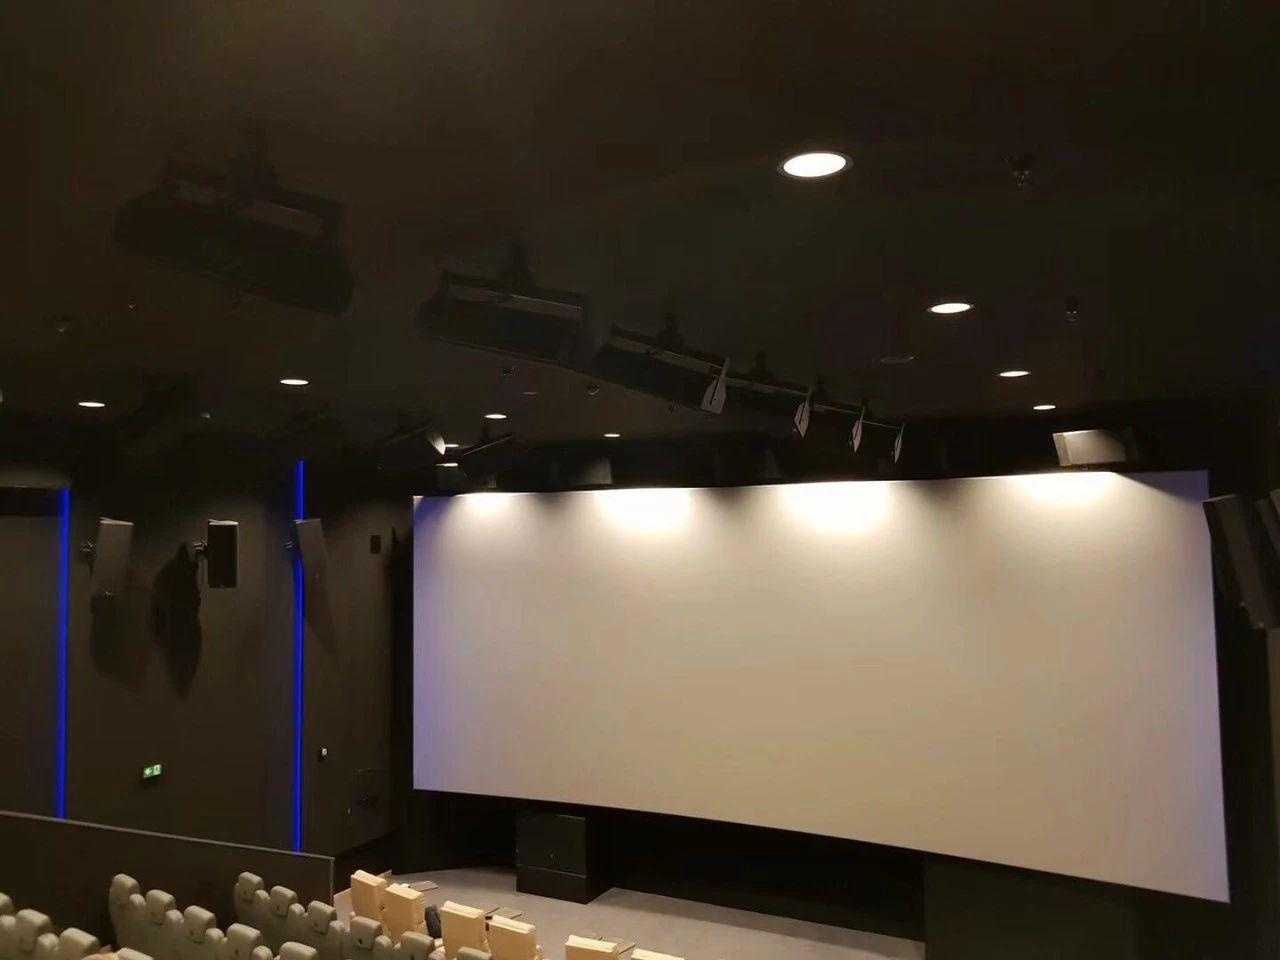 案例 | 商业影院亦青睐的绝佳之选:瑞典Procella宝仙娜